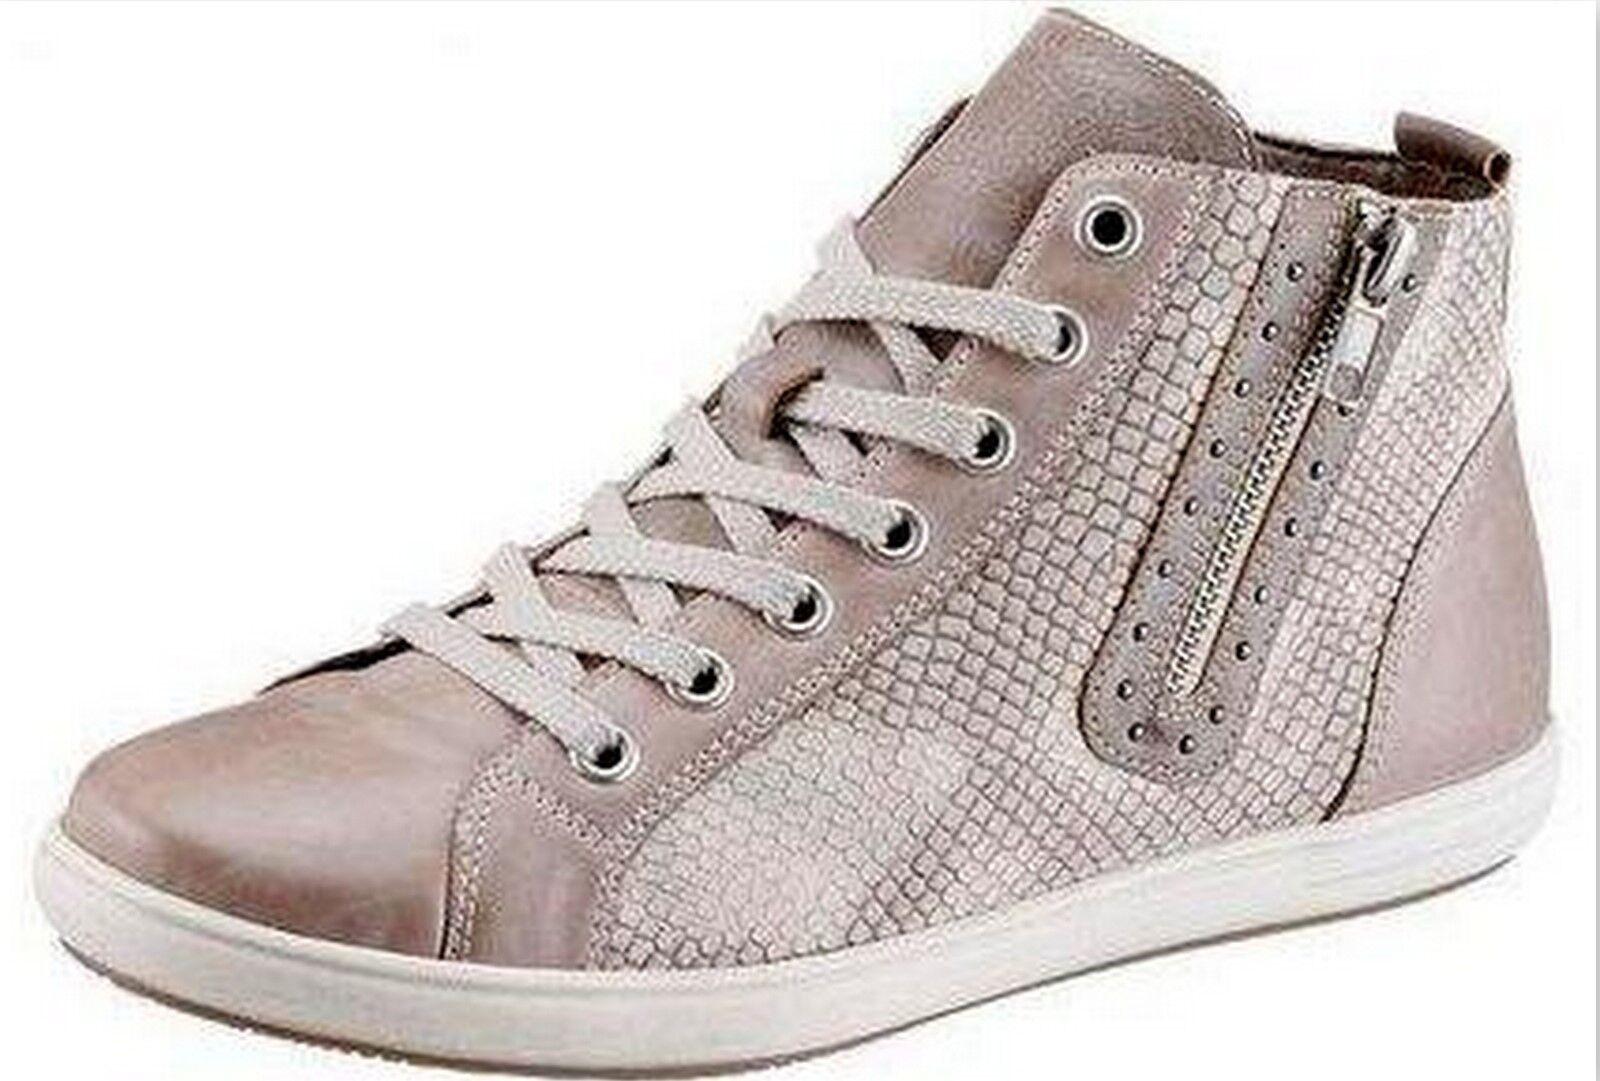 Nuevo Mujer SERPIENTES MArrón Botas De Cuero Zapatos Palomas USADO MArrón SERPIENTES Beis Talla d5d805